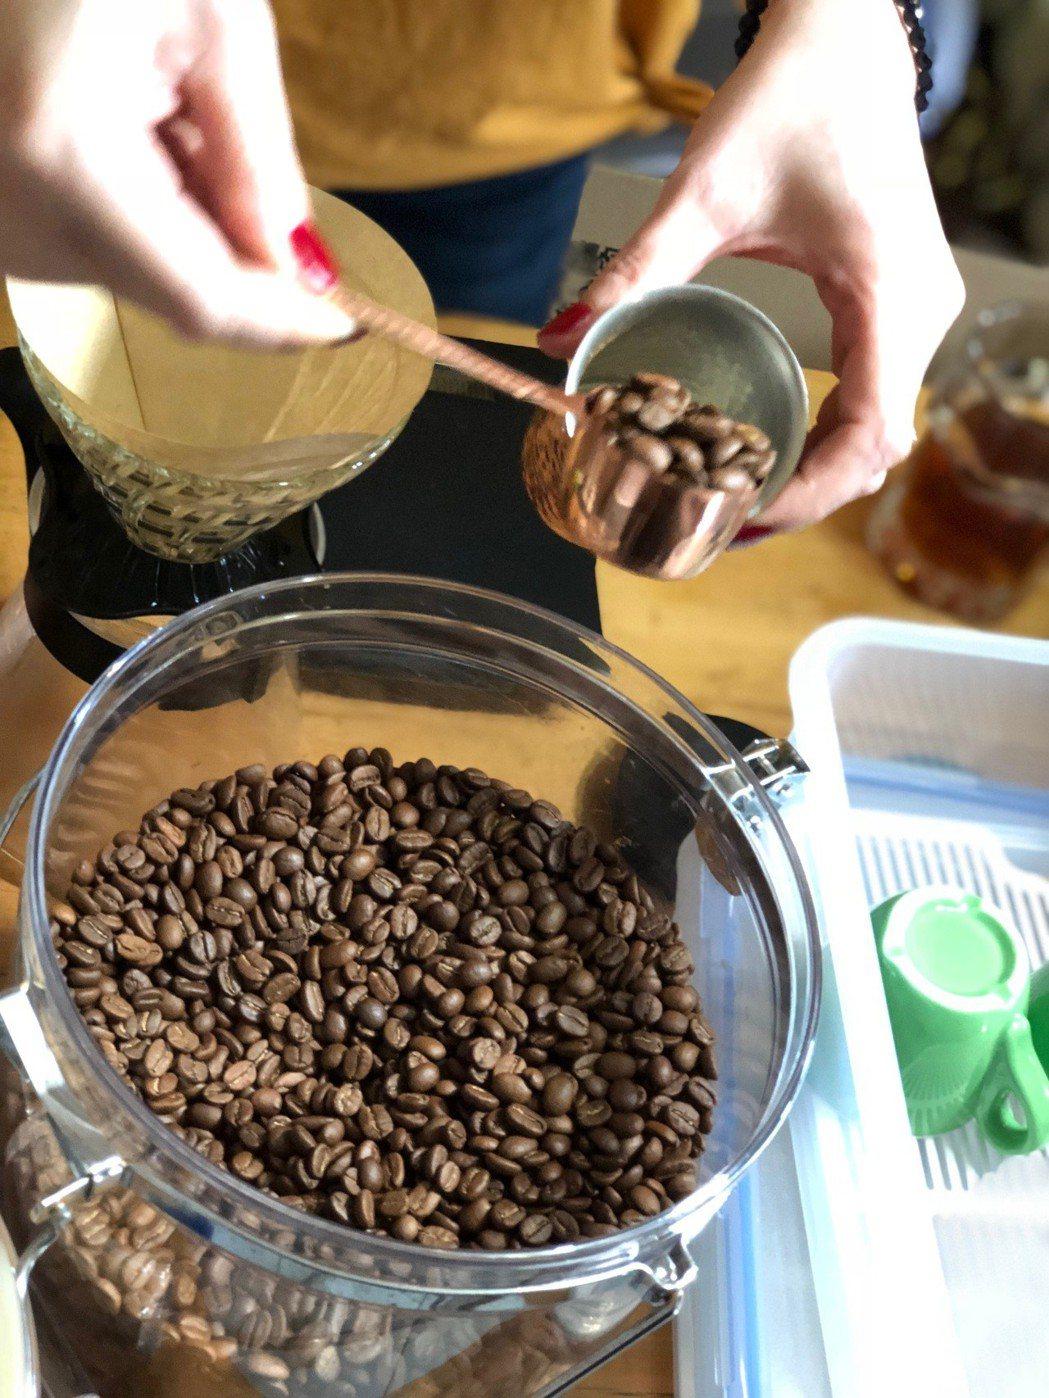 已經烘焙完成的麝香貓咖啡豆。記者黃文奇/攝影